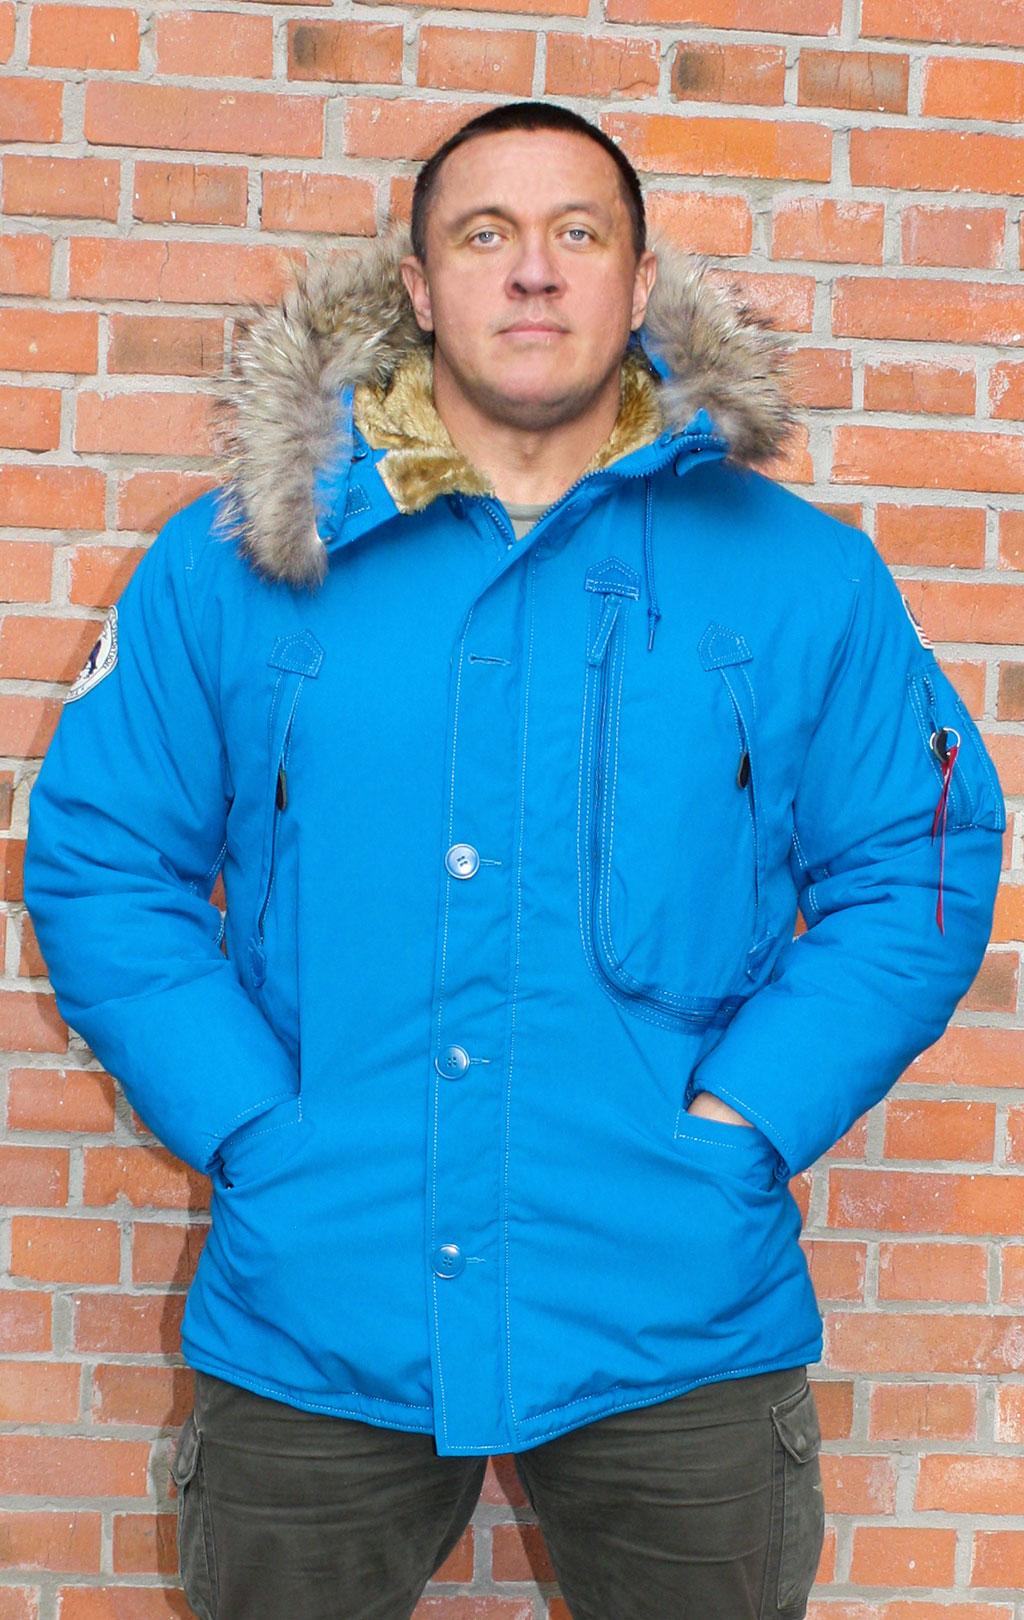 Аляска ALPHA INDUSTRIES POLAR натур. мех royal, купить в Интернет-магазине ForceAge.